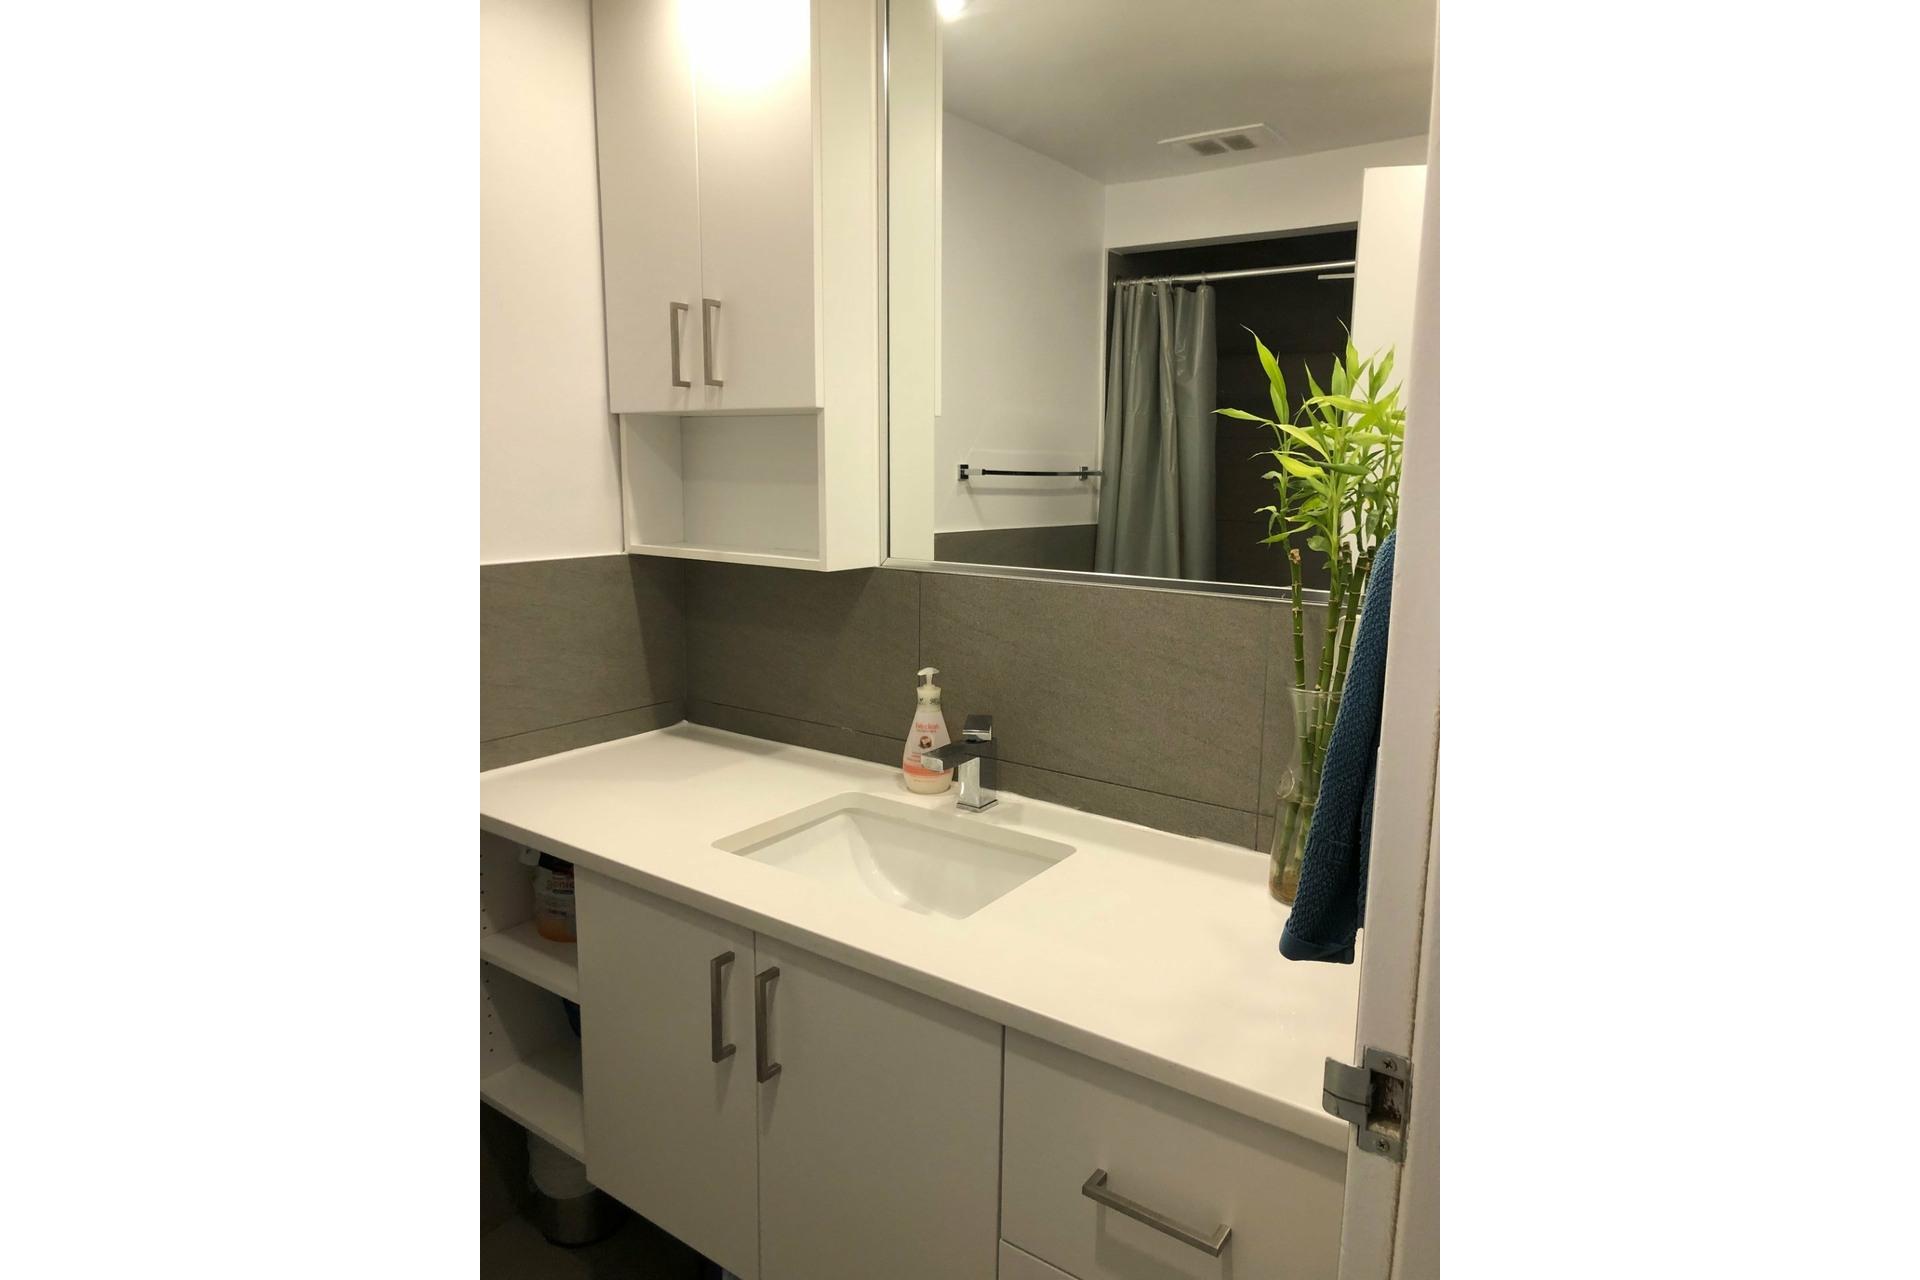 image 5 - Appartement À louer Côte-des-Neiges/Notre-Dame-de-Grâce Montréal  - 5 pièces